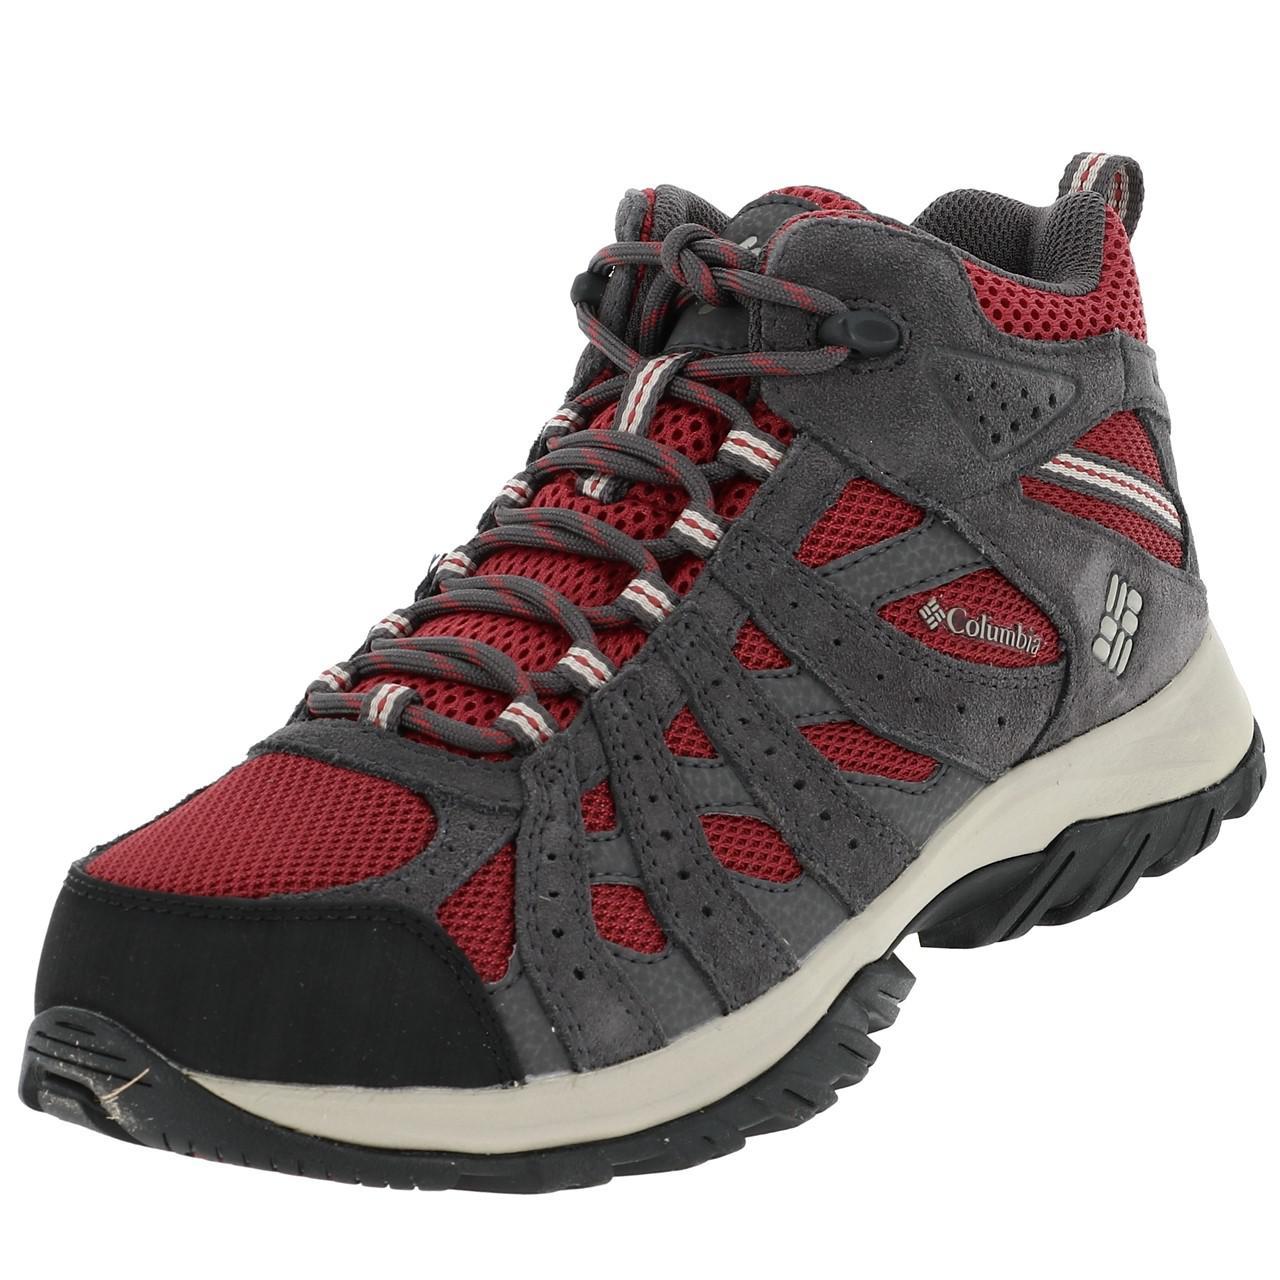 Schuhe Tritt- Wanderungen Columbia Canyon Point Marsala Rot Rot 26223 - Neu